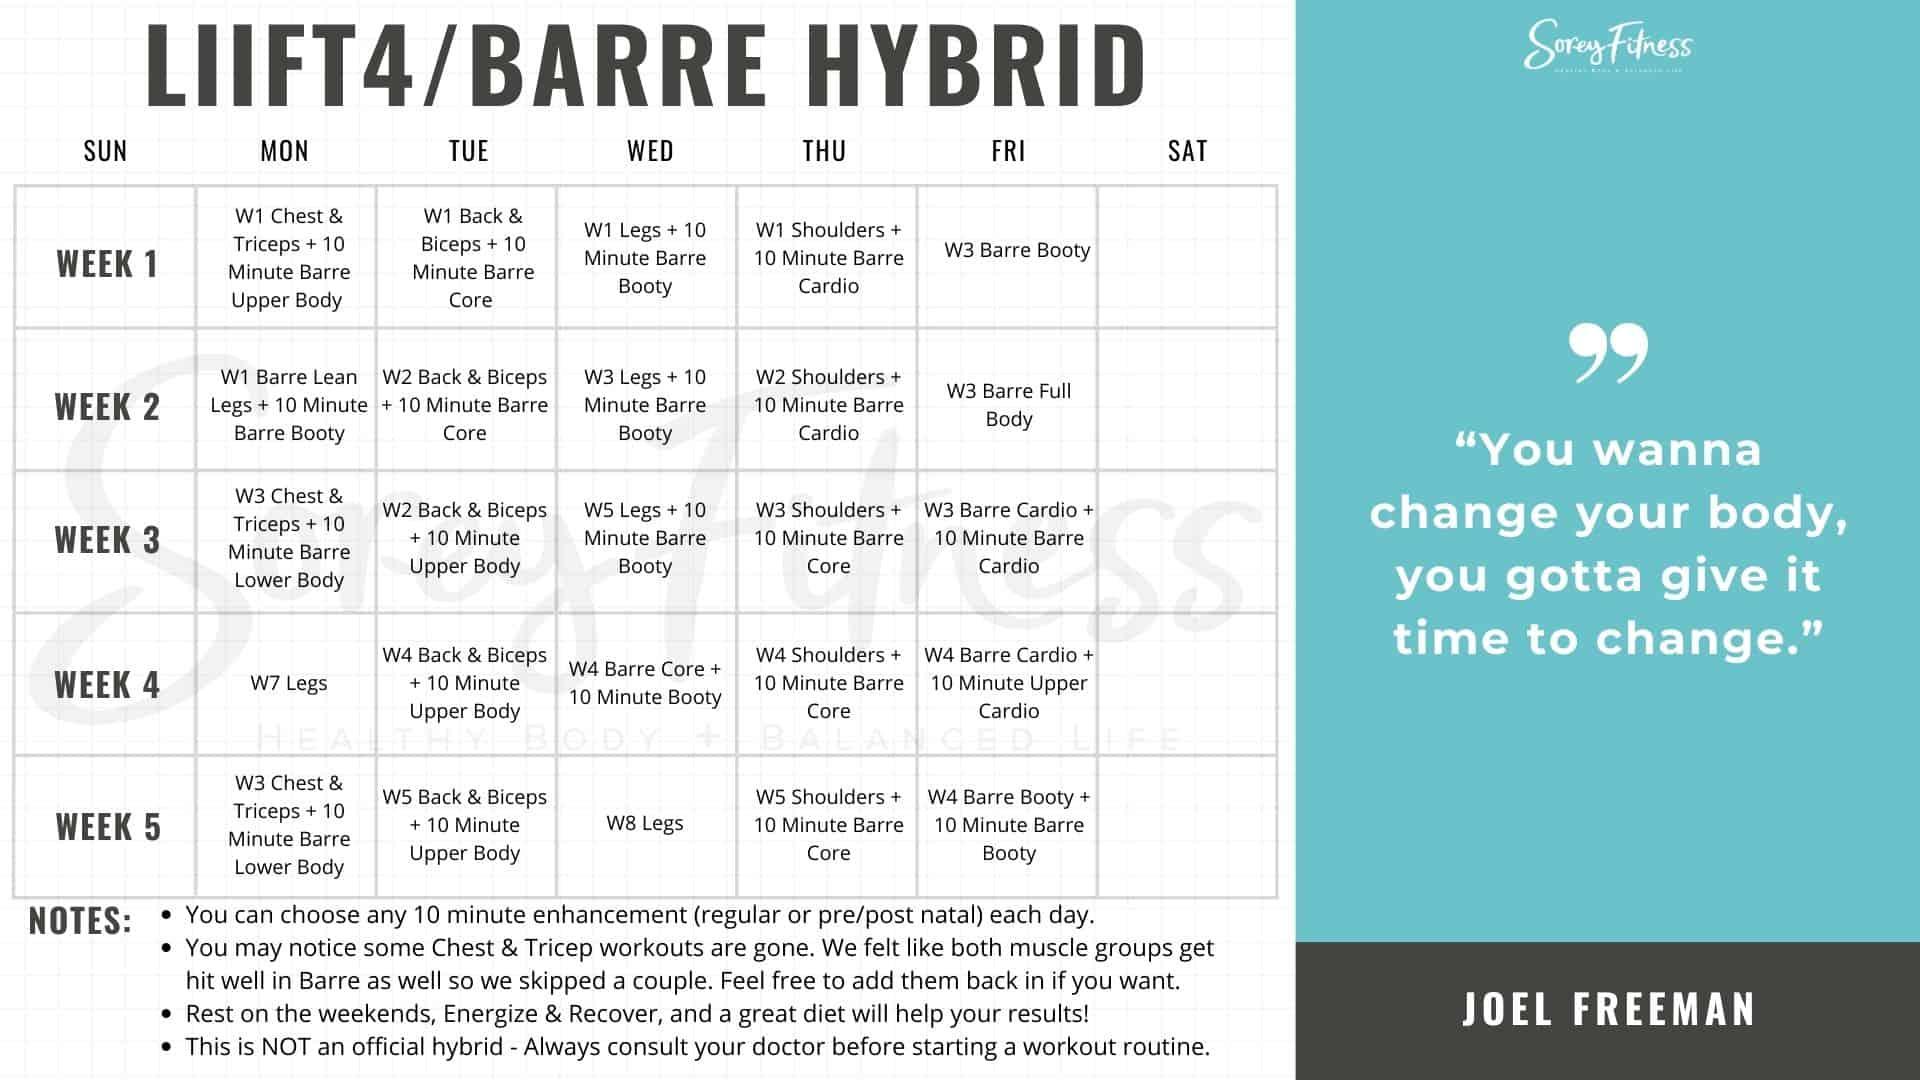 Liift4 Barre Blend Calendar Weeks 1-5